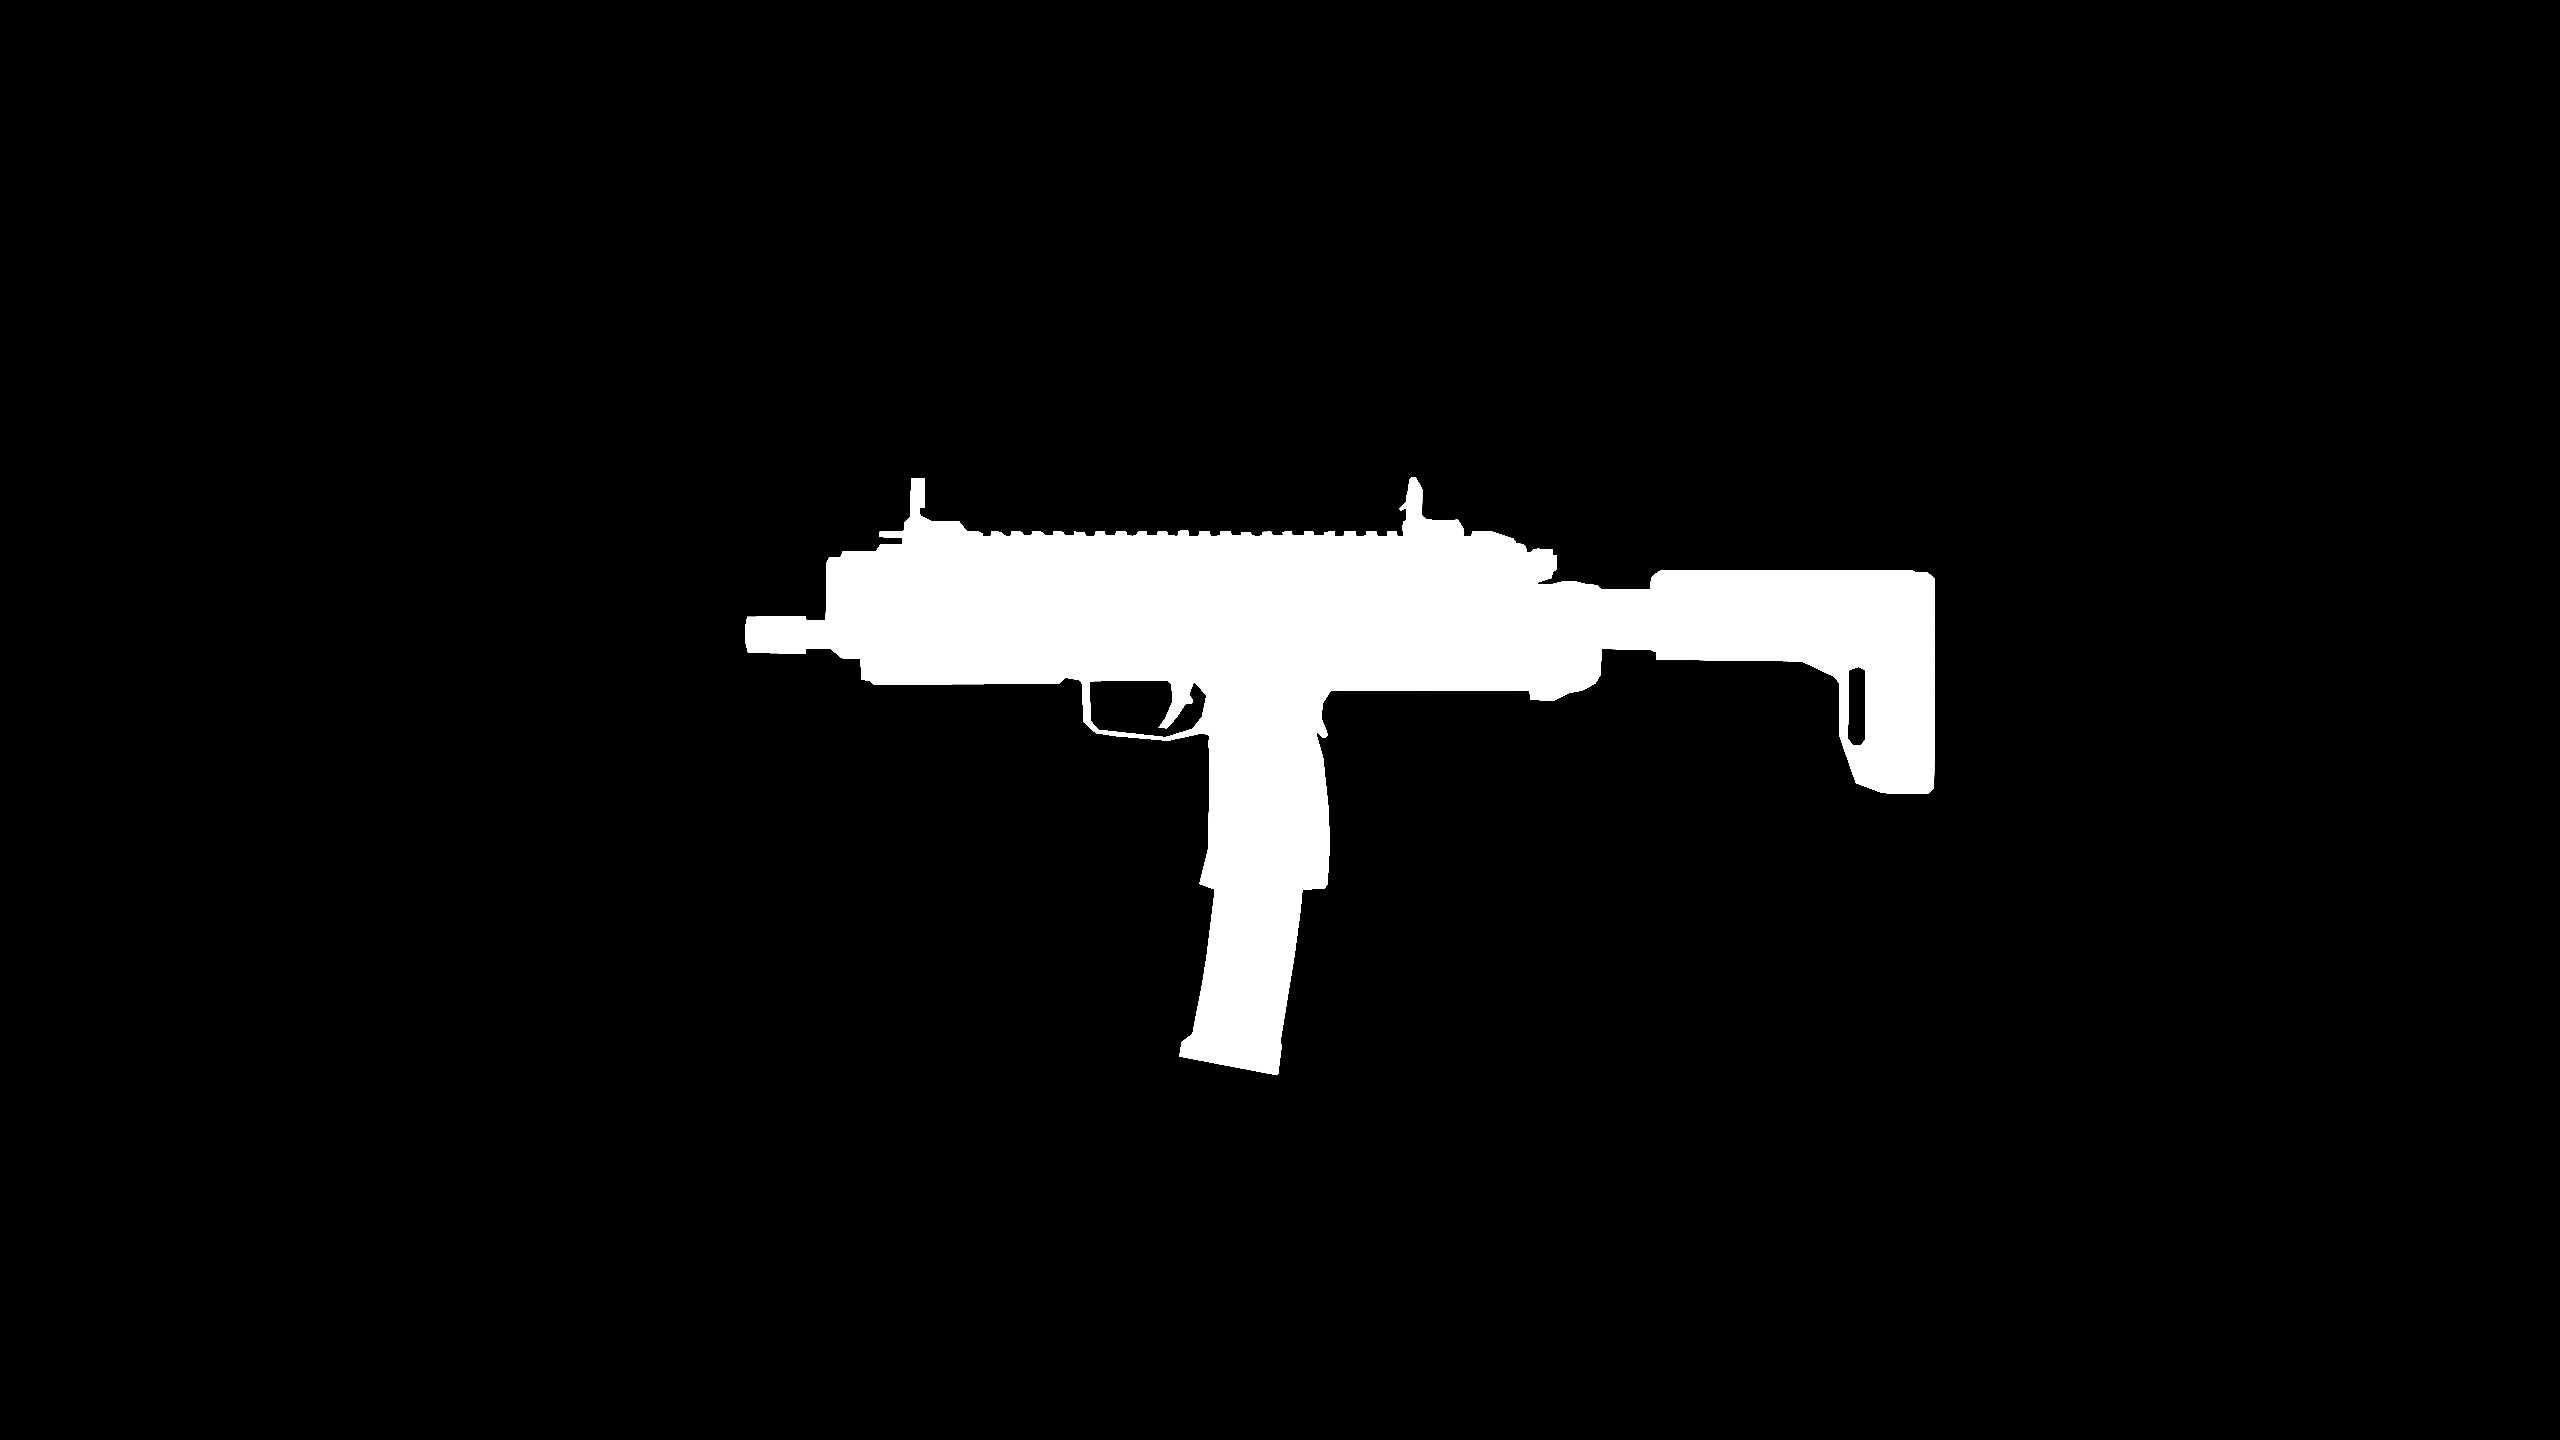 MP7 umriss